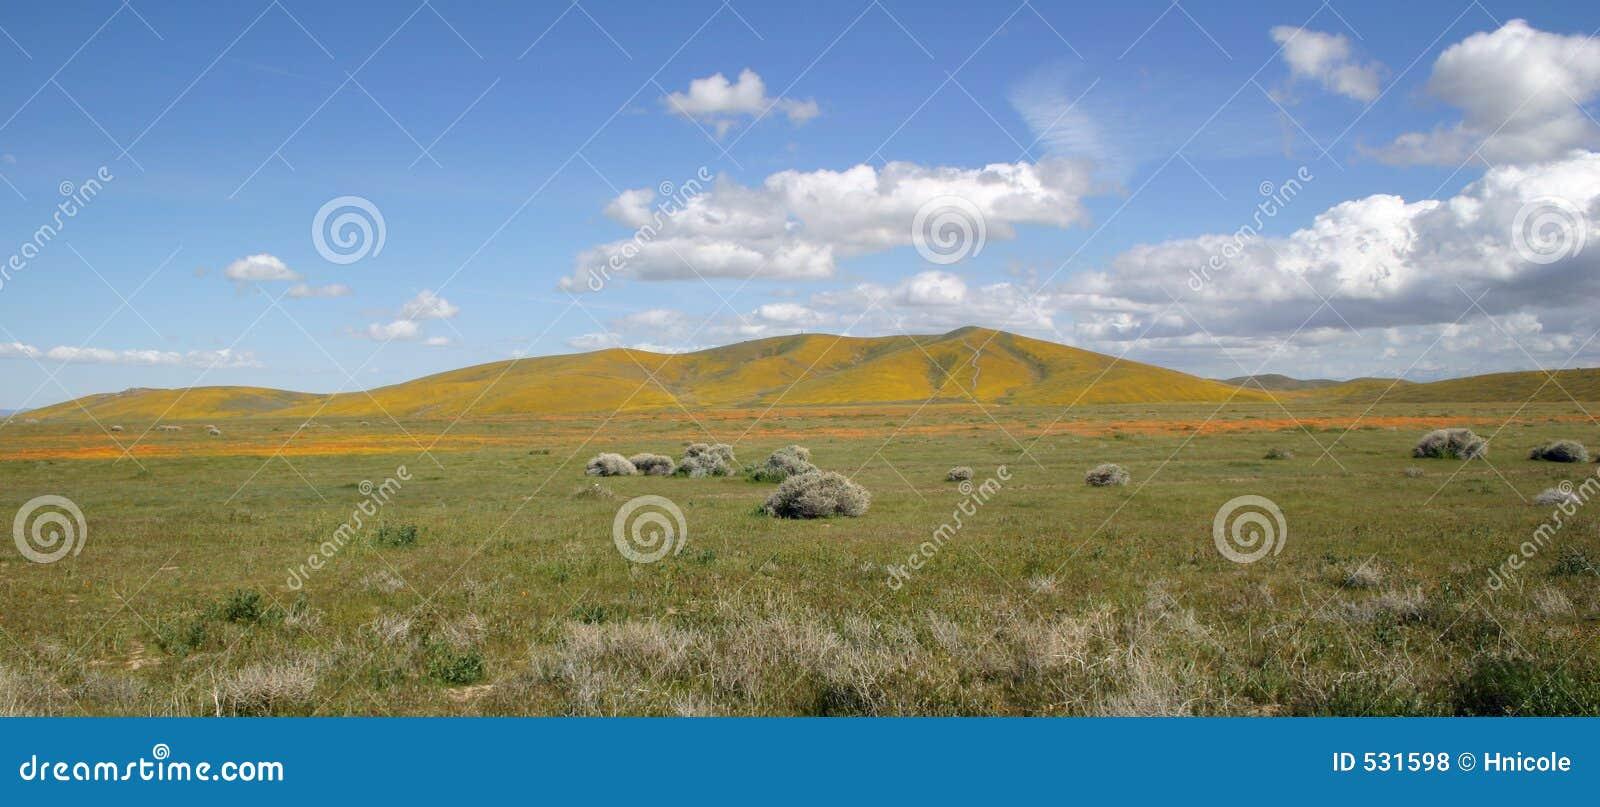 Download 理想的横向春天 库存照片. 图片 包括有 夏天, 黄色, 愉快, 天空, 横向, 加利福尼亚, 草甸, 鸦片 - 531598